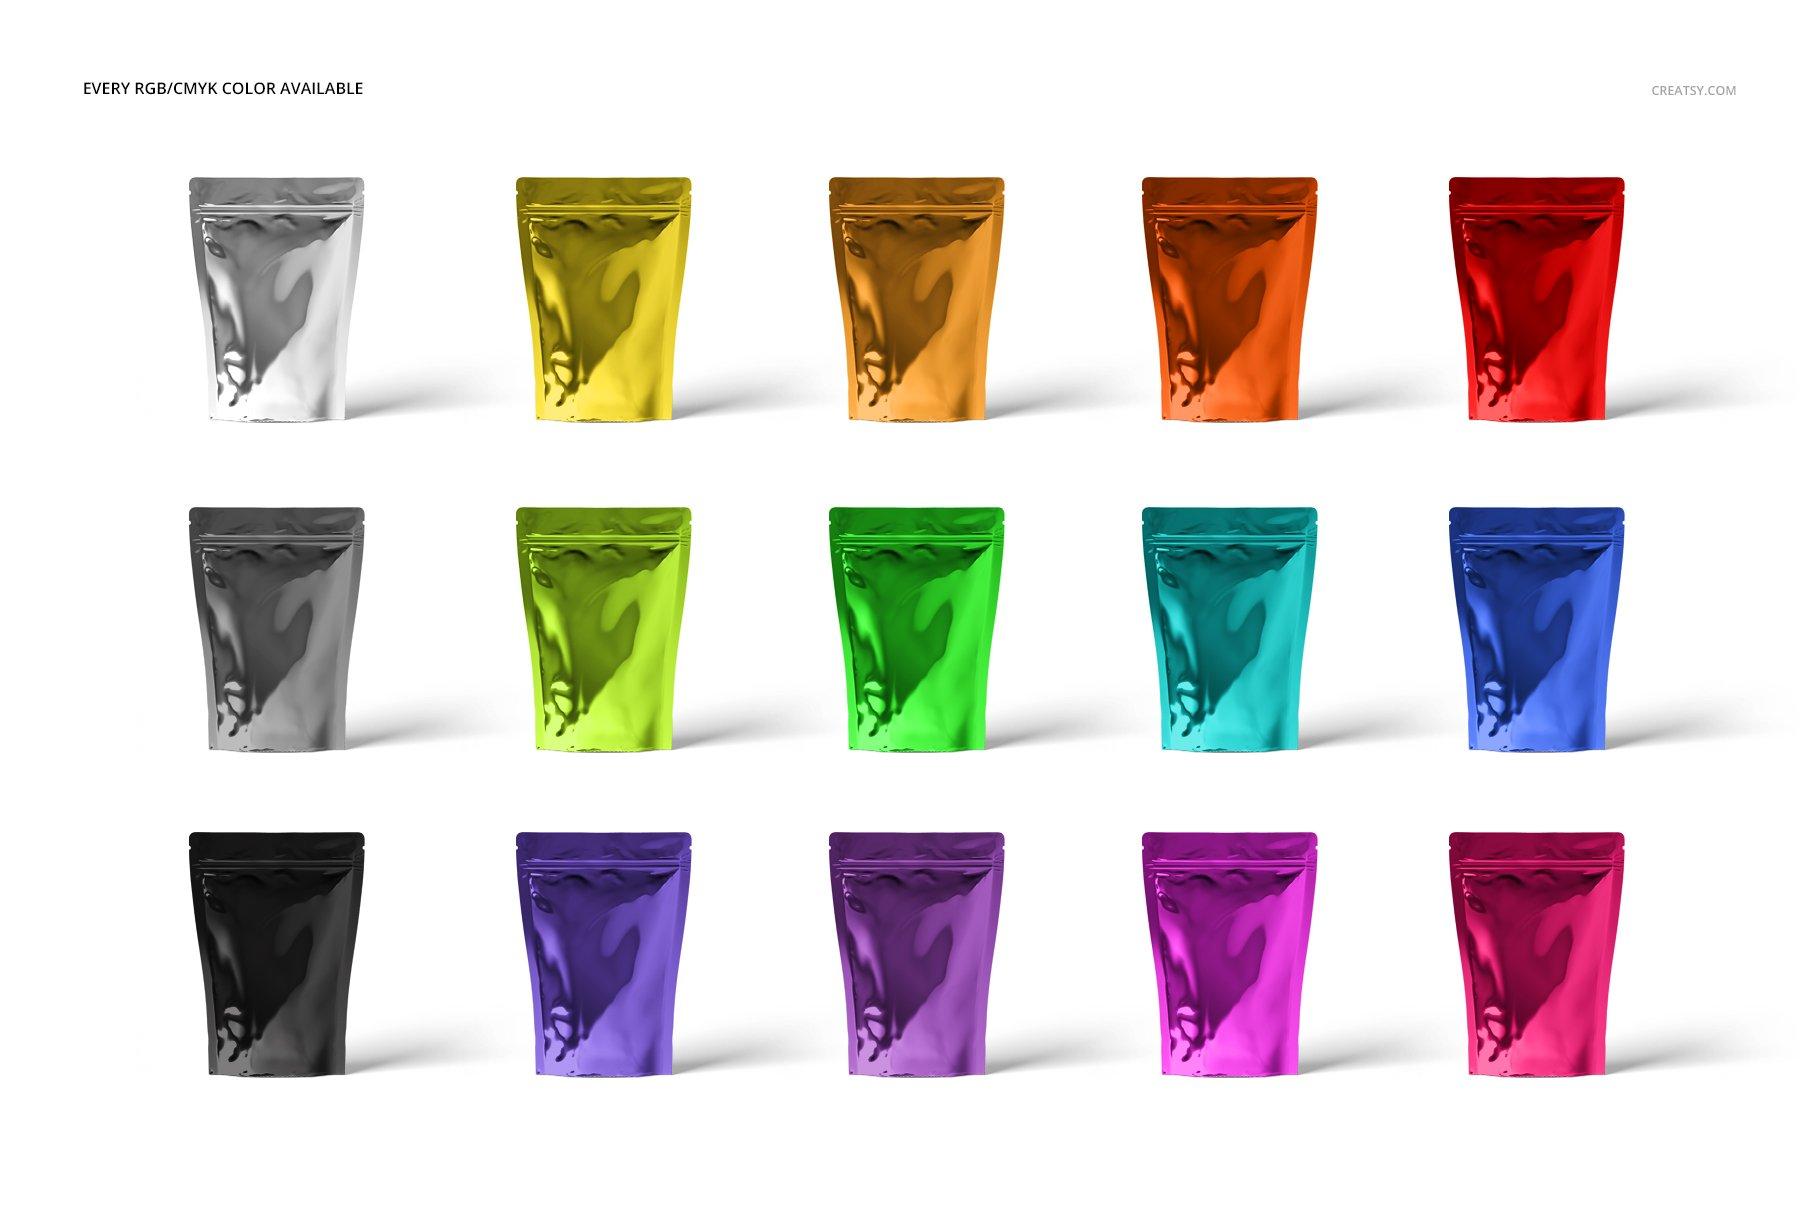 时尚立式拉链锁自封袋塑料袋铝箔袋设计展示样机合集 Stand Up Pouch (metallic) Mockup Set插图(2)